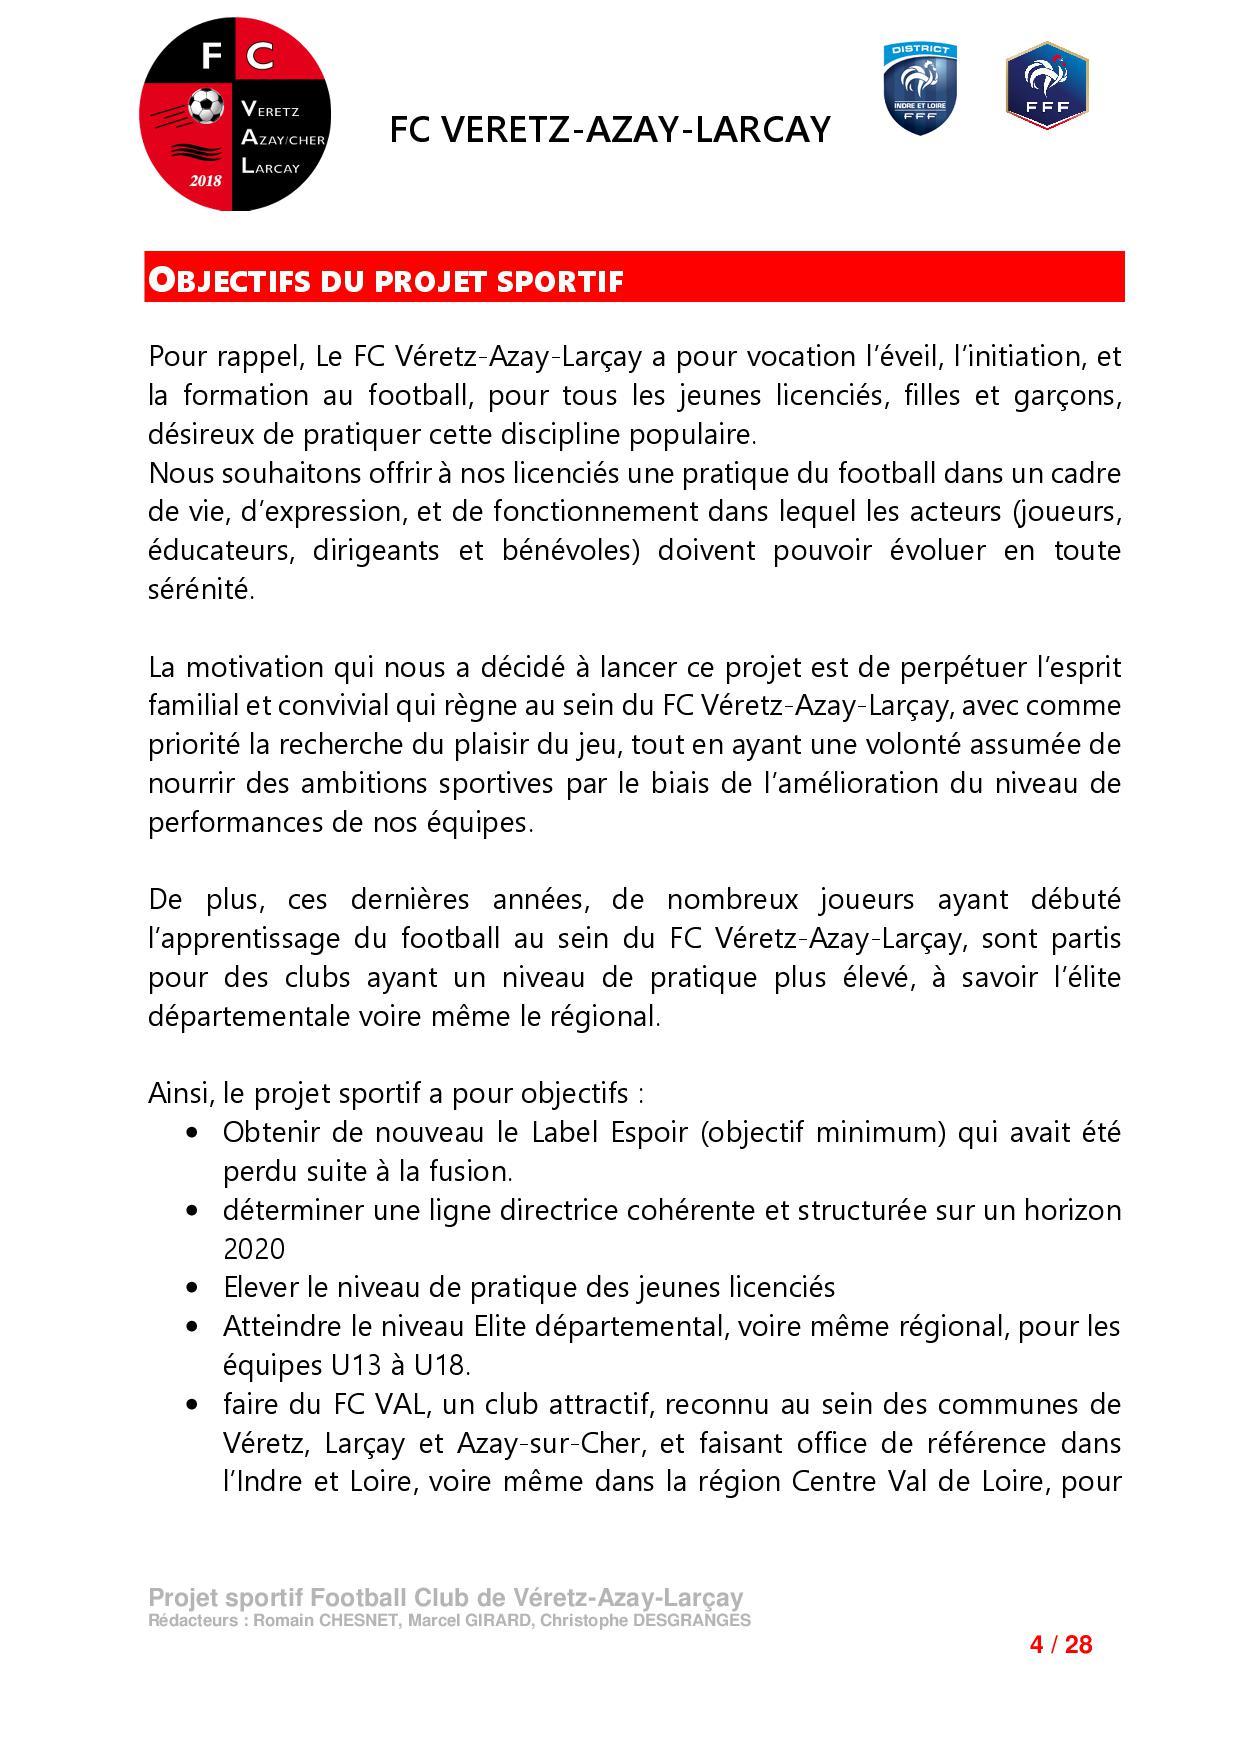 projet_sportif_2017-202004.jpg